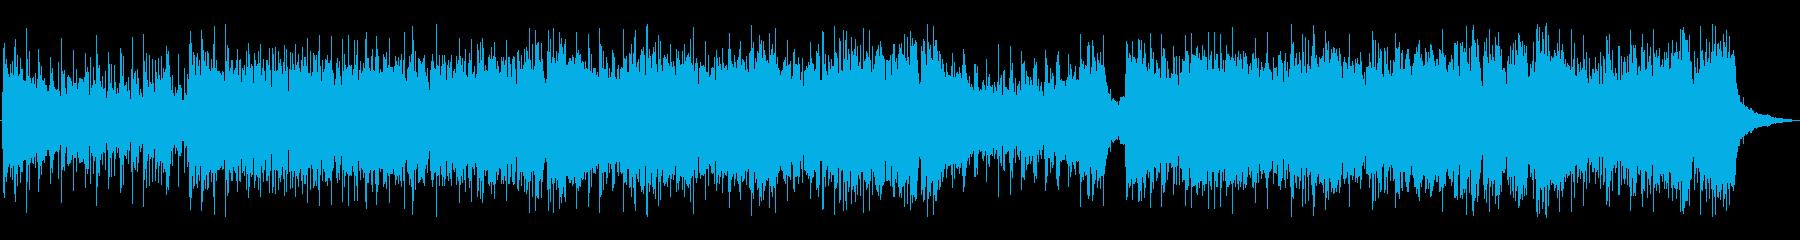 中華風のEDMの再生済みの波形